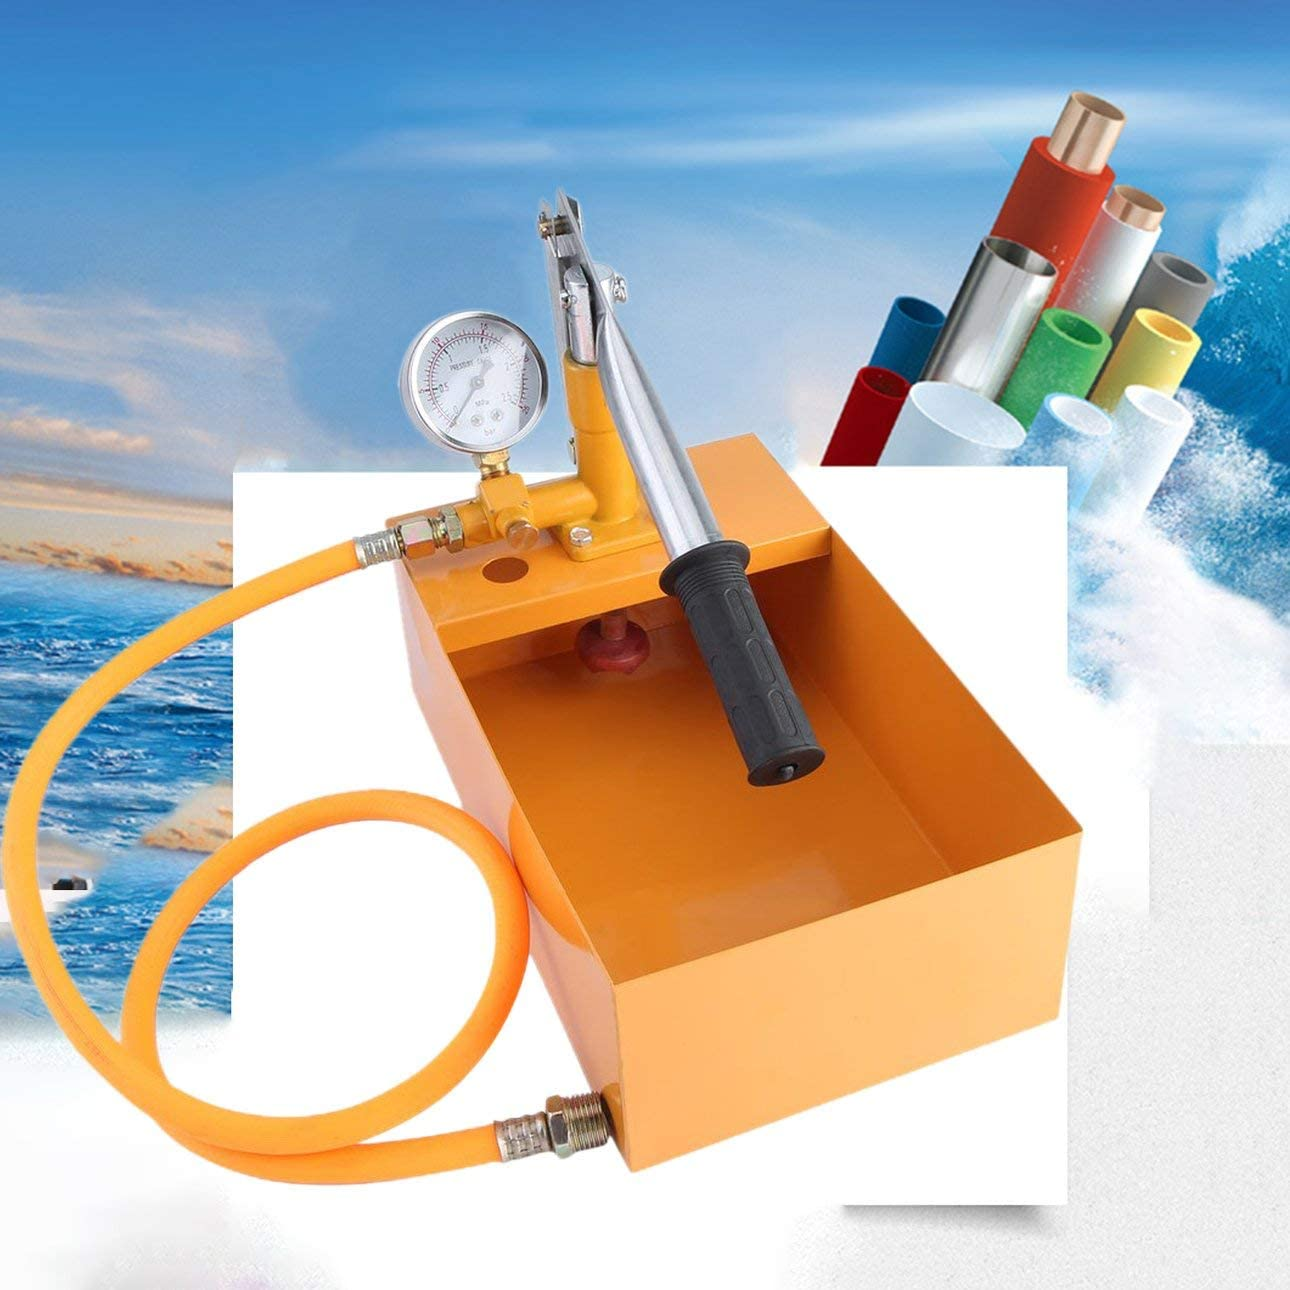 Ballylelly 25 kg Pompa manuale per test di potenza Pompa universale per perdite dacqua Pompa manuale per acqua Pompa idraulica durevole per prove di pressione